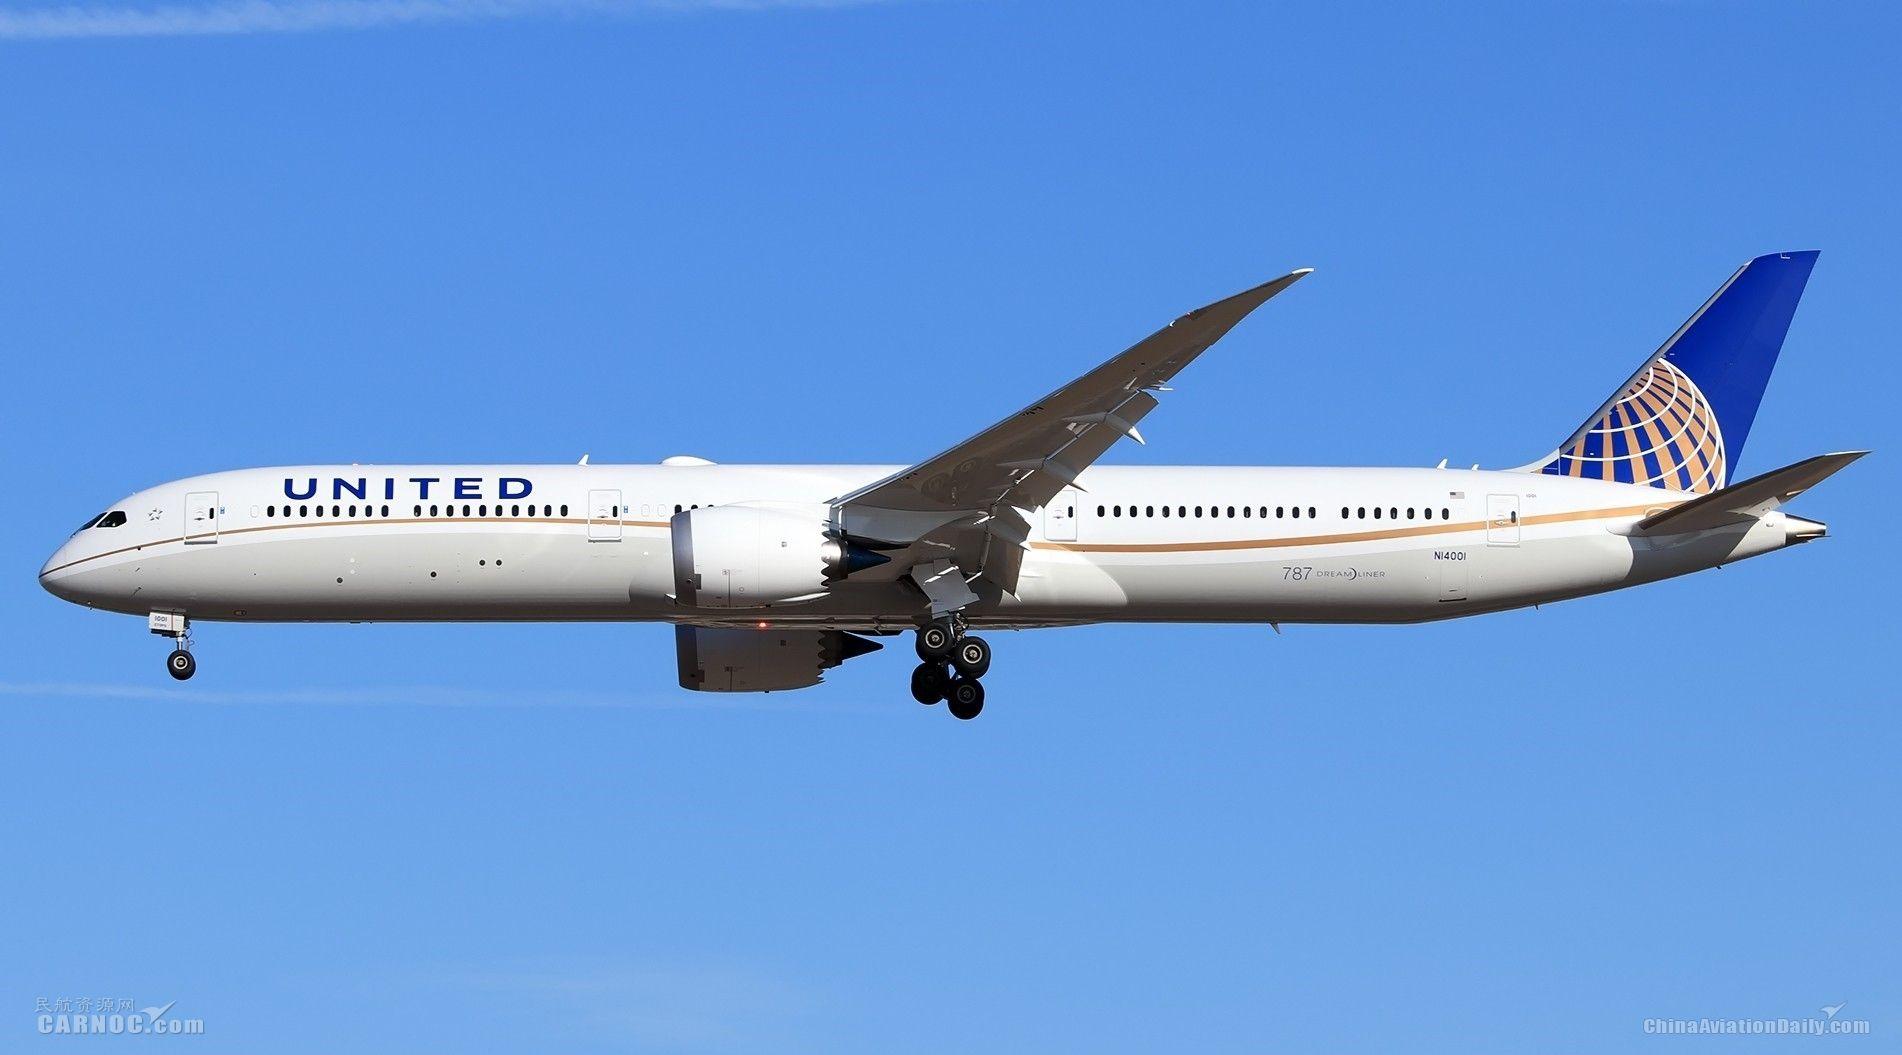 美联航通过积分激励简化升舱服务